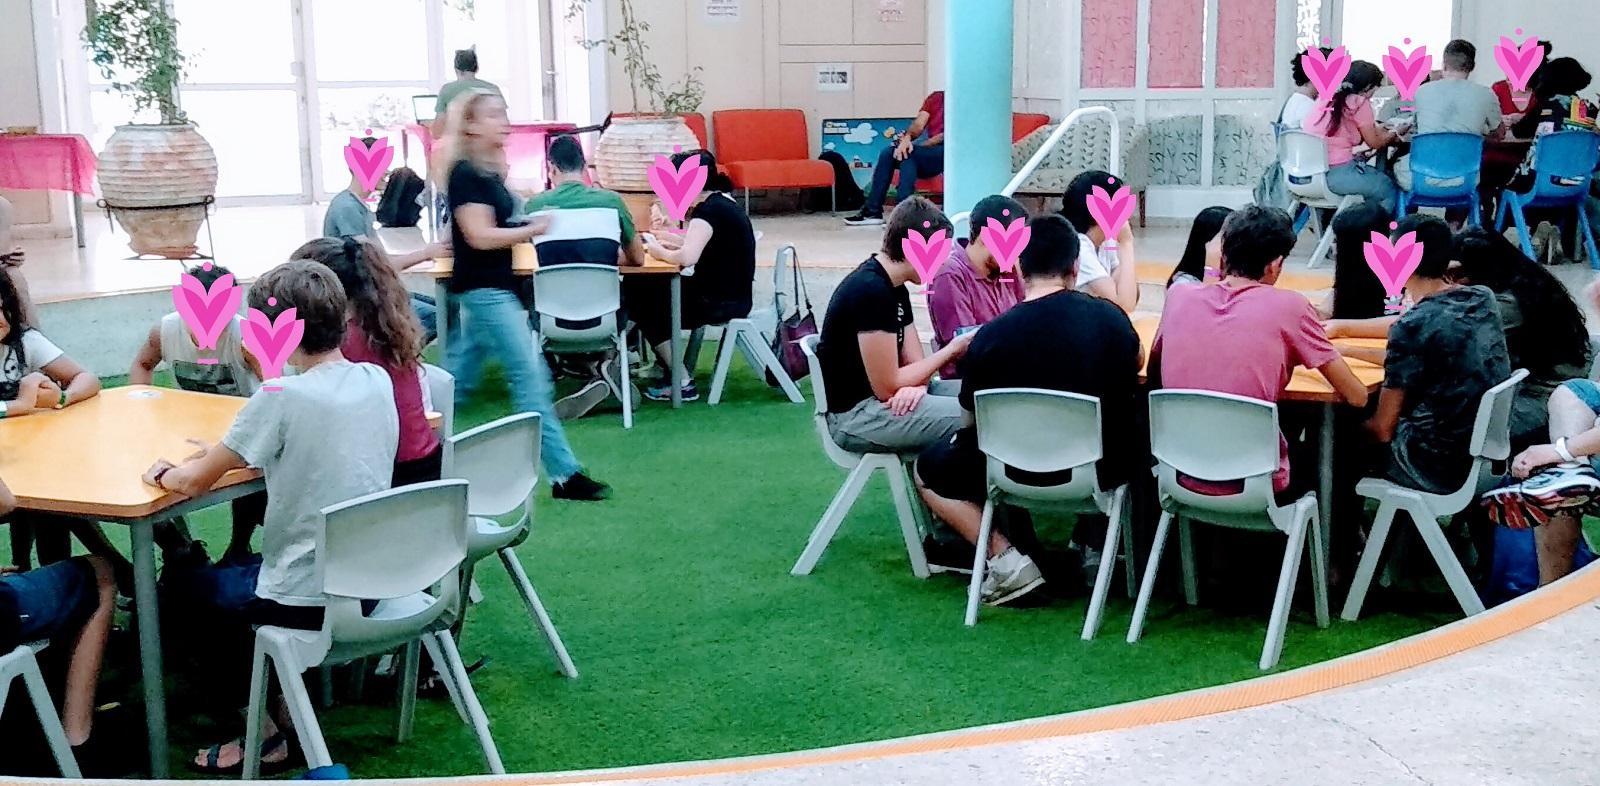 עמותת רקפת פותחת בכפר סבא קבוצה חדשה למתמודדים עם חרדה חברתית וקורס קיץ ייעודי למעבר לתיכון ולחטיבה